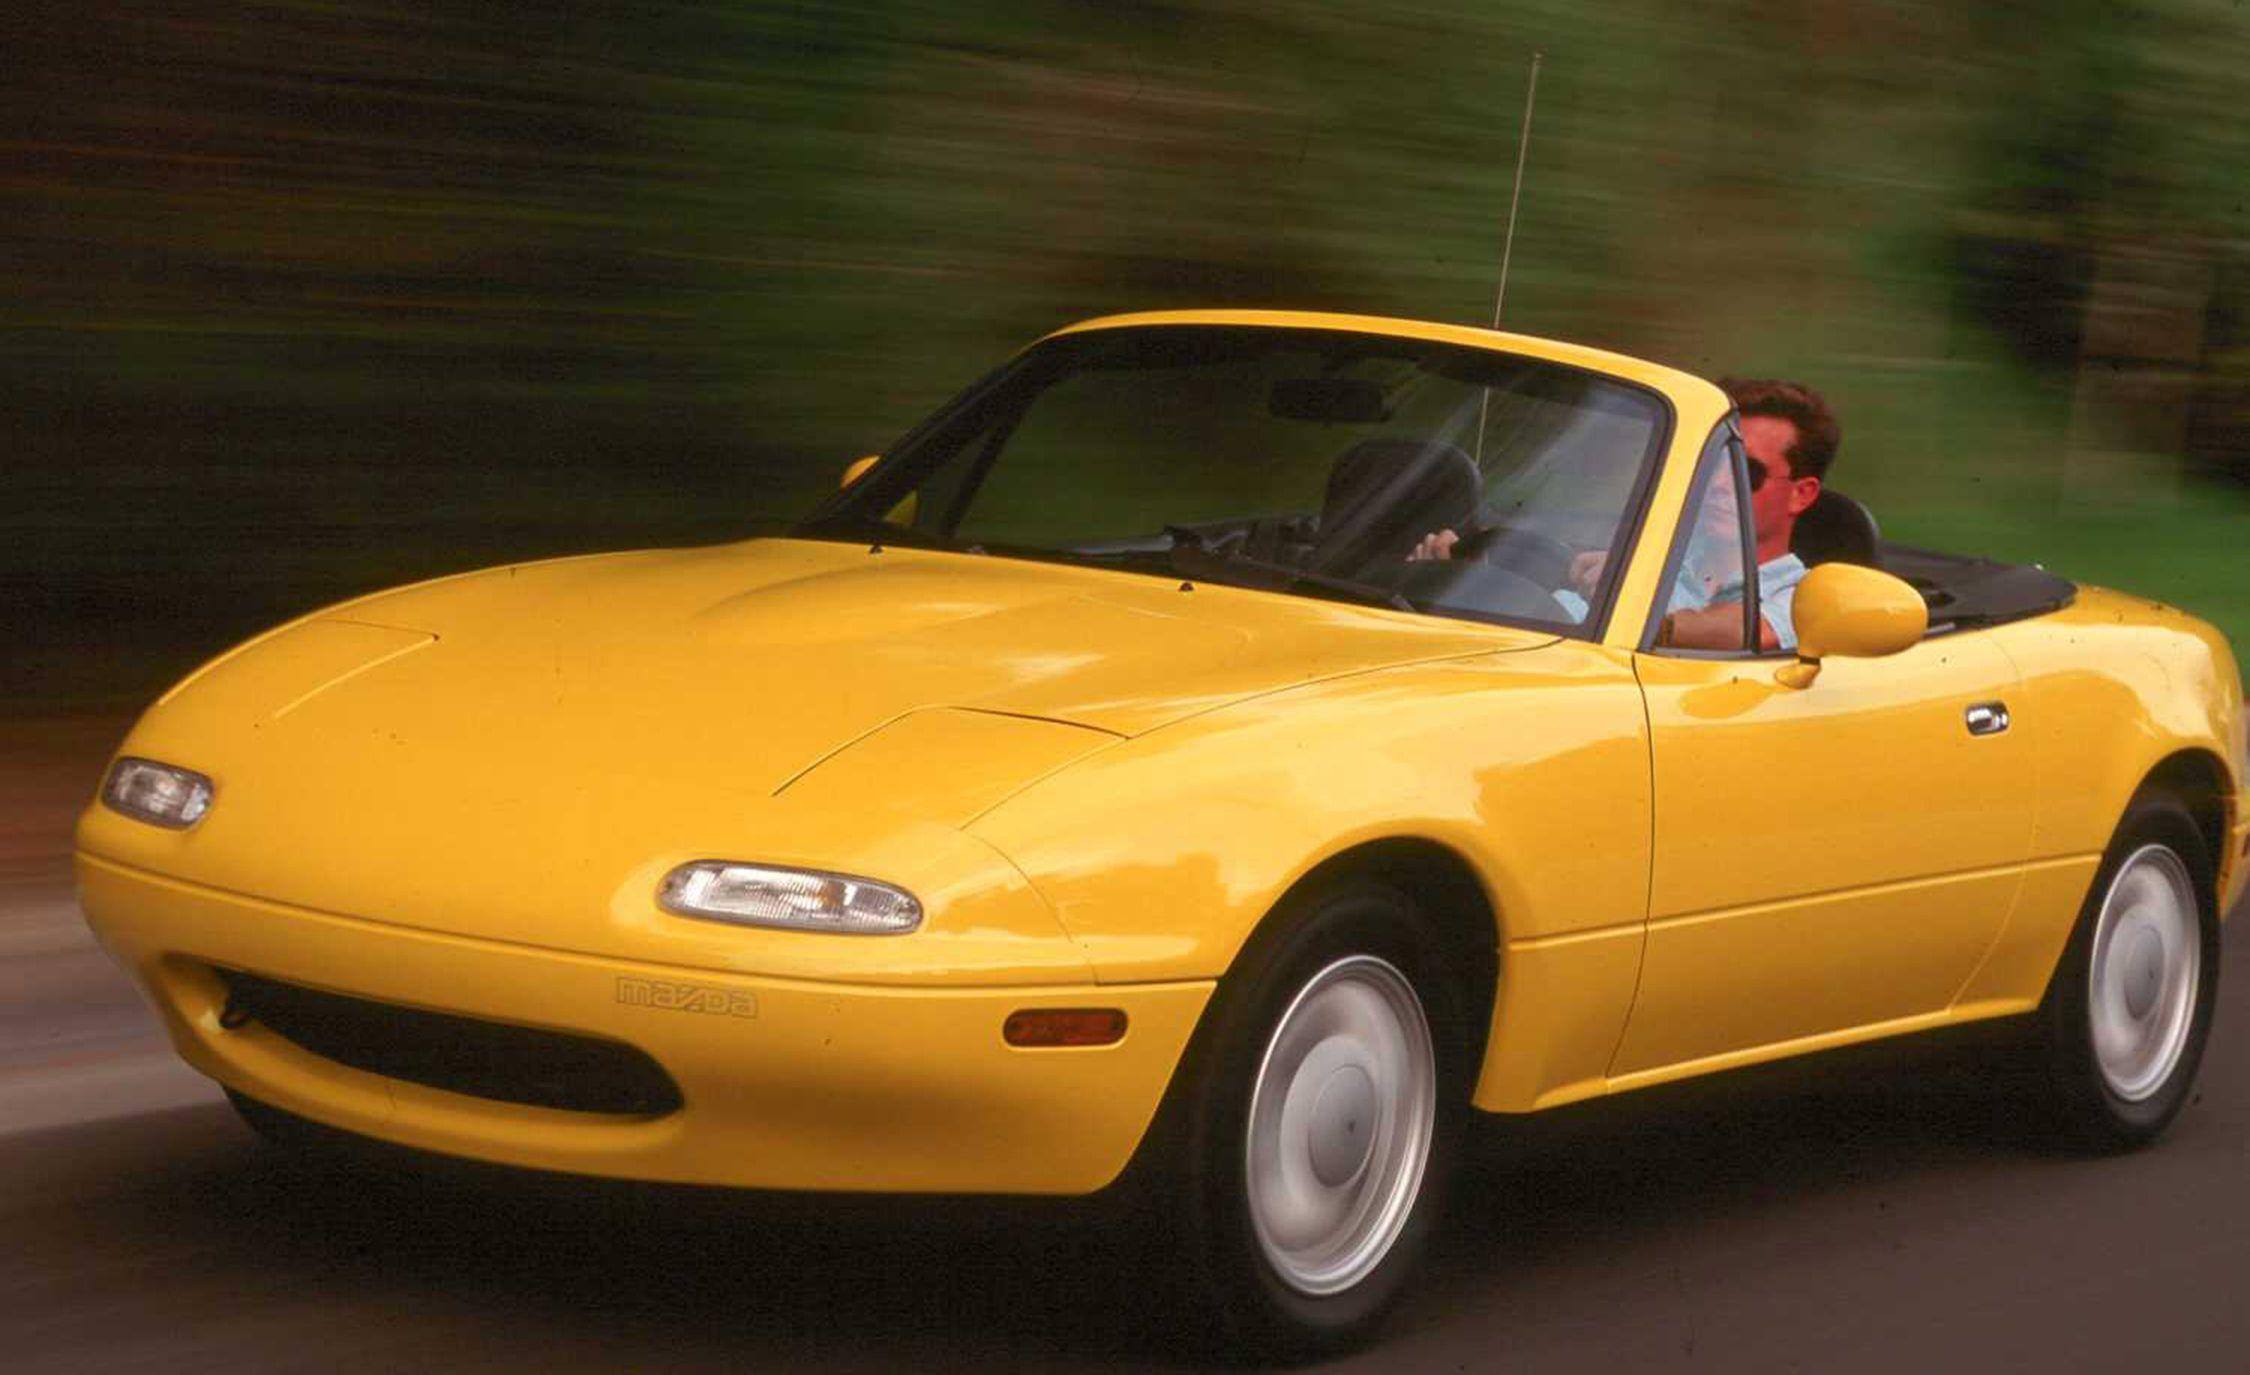 Mazda Mx 5 Miata History From 1989 To Today